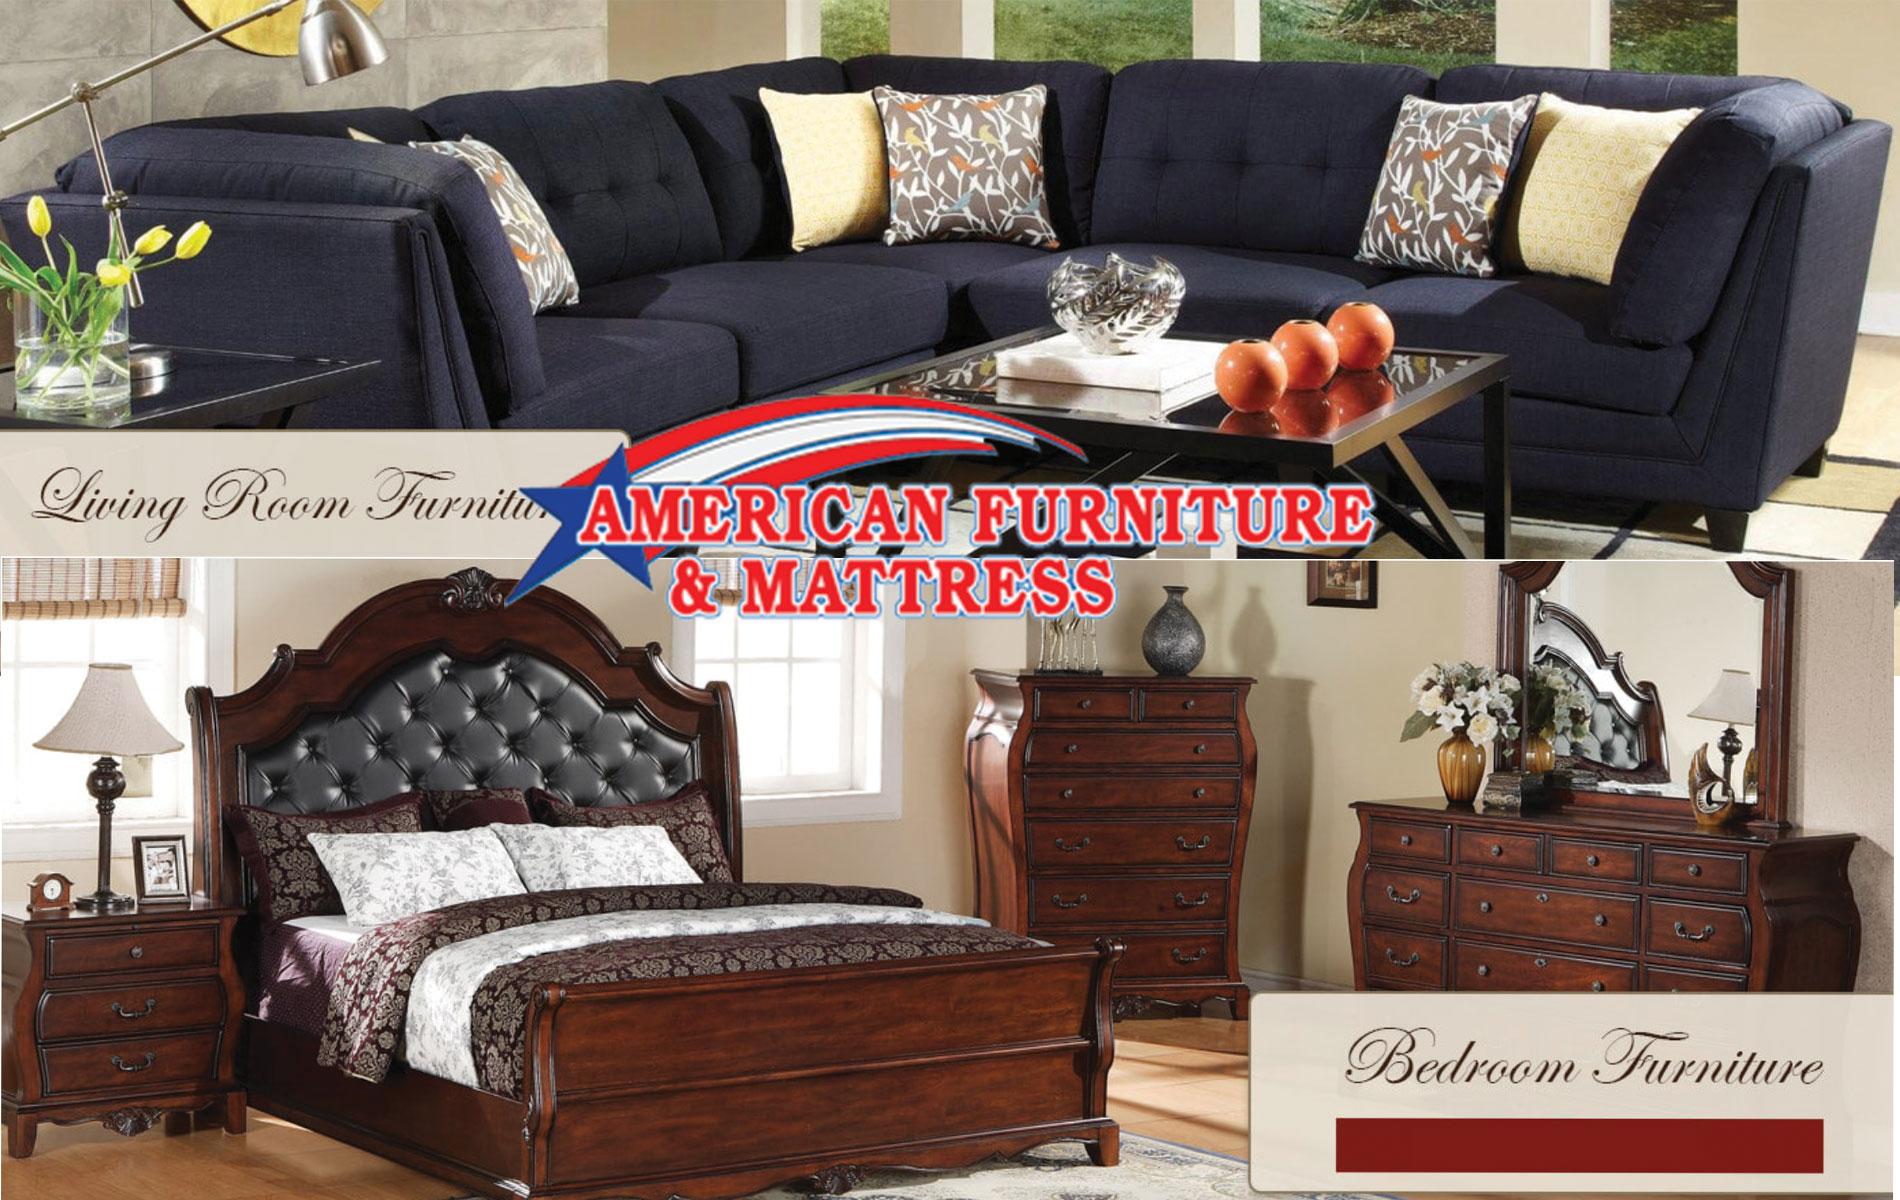 American Furniture & Mattress